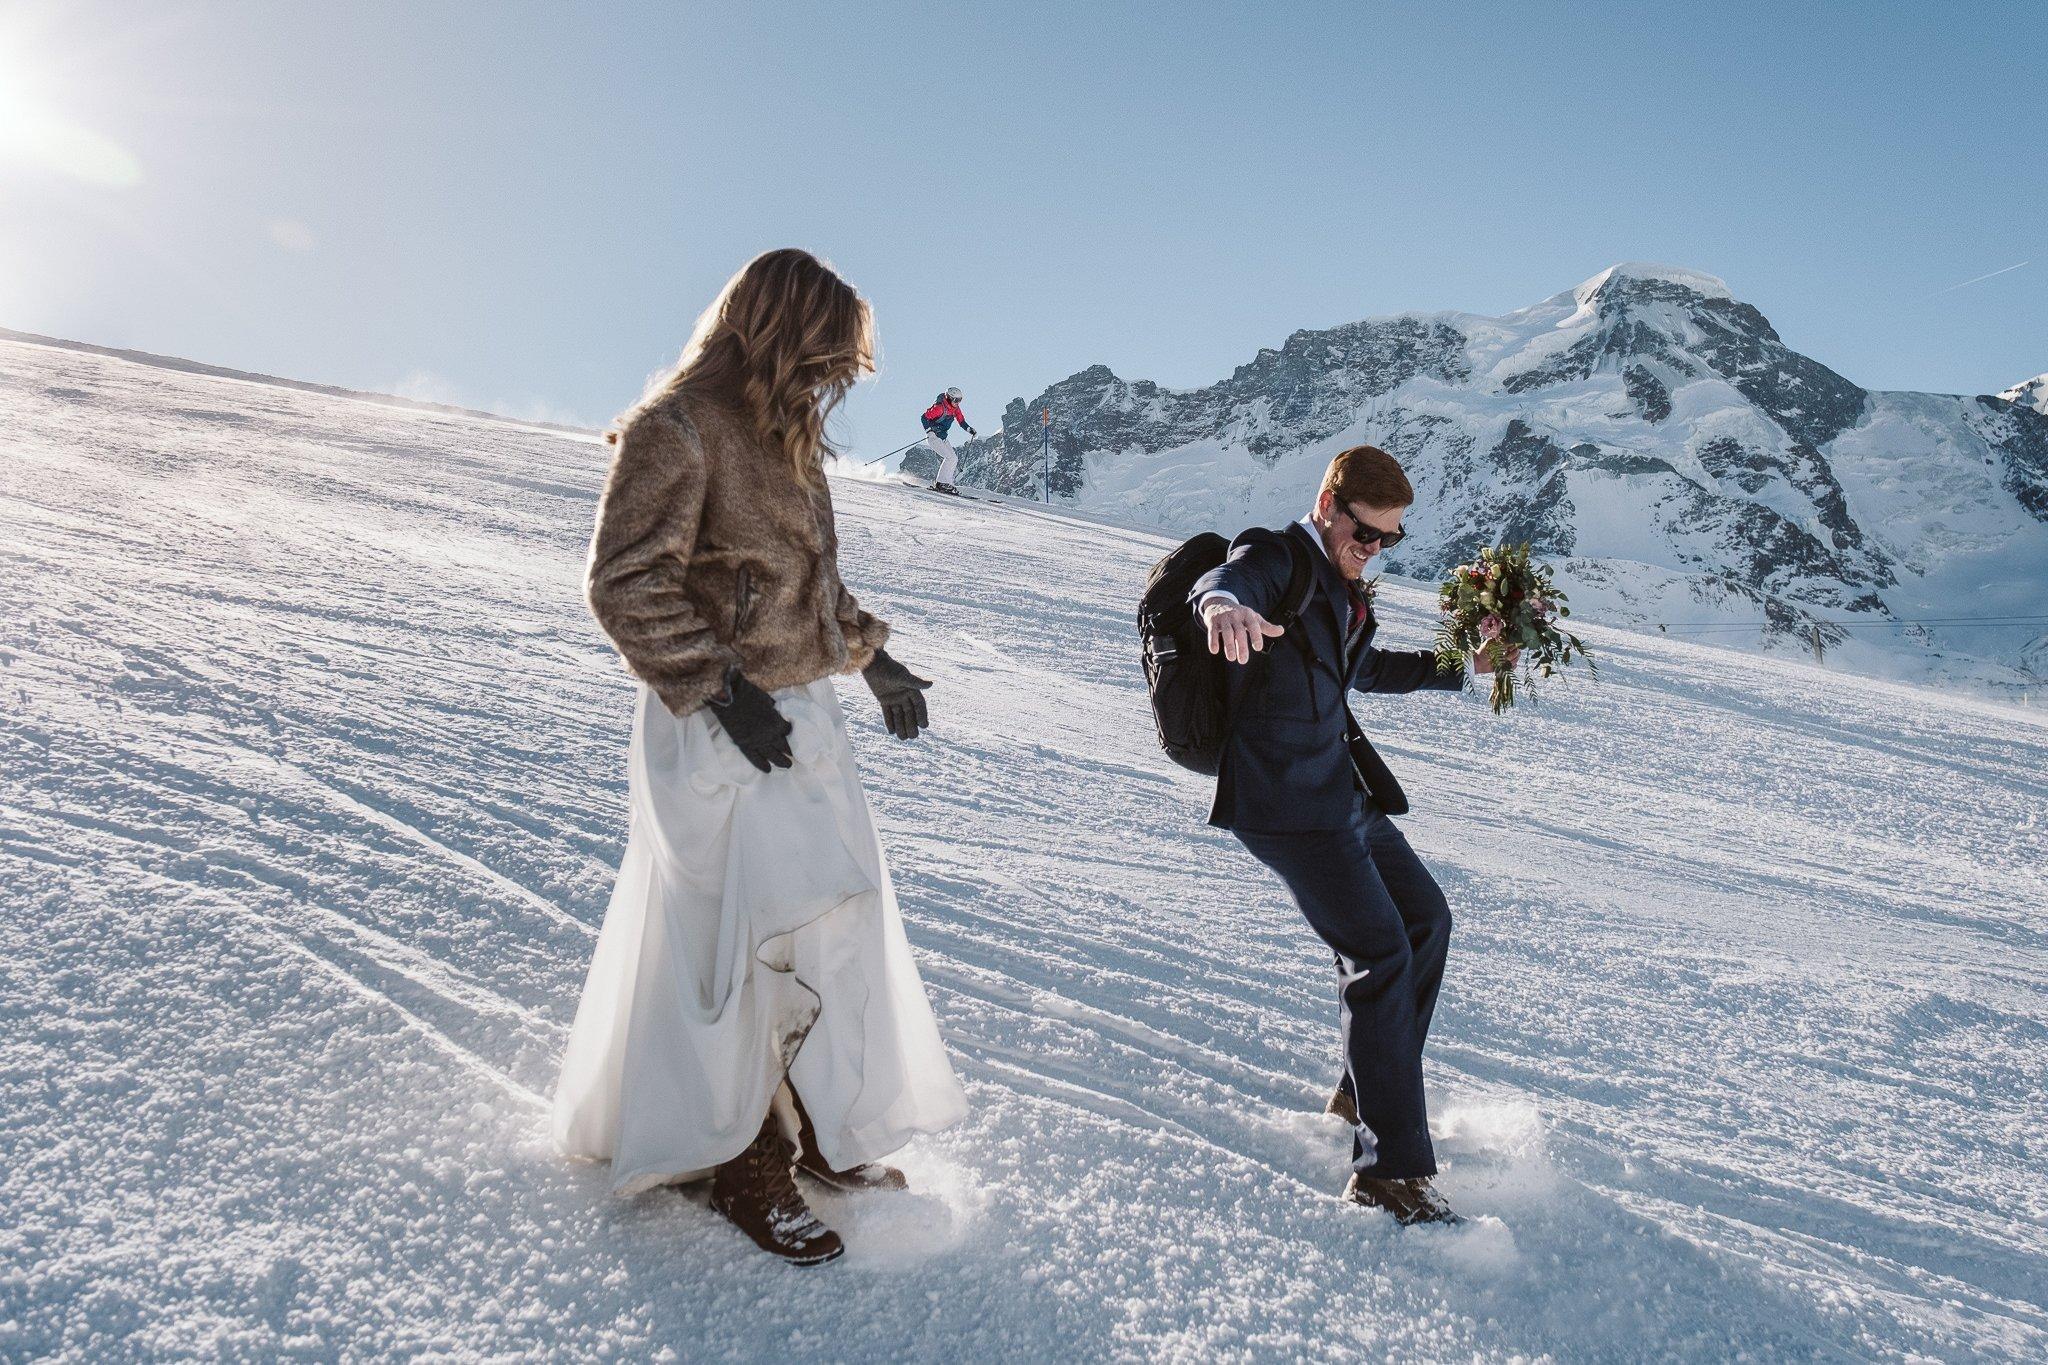 Groom bootskiing on ski slopes of Zermatt Matterhorn in Switzerland elopement.